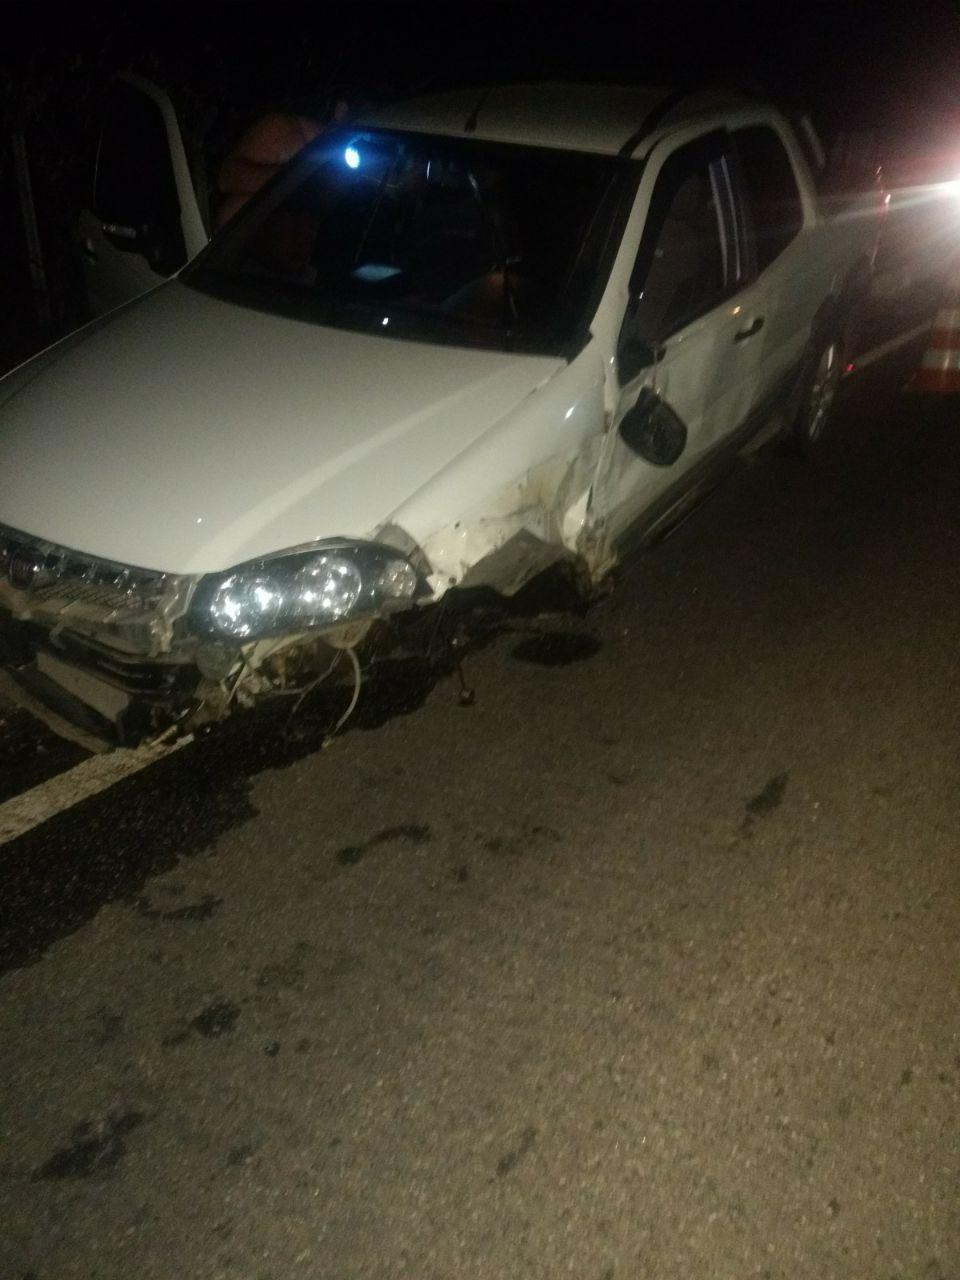 8d18de25-0b2e-4010-8b3f-4f256fdb1eca Acidente entre veículos é registrado na zona rural de Monteiro